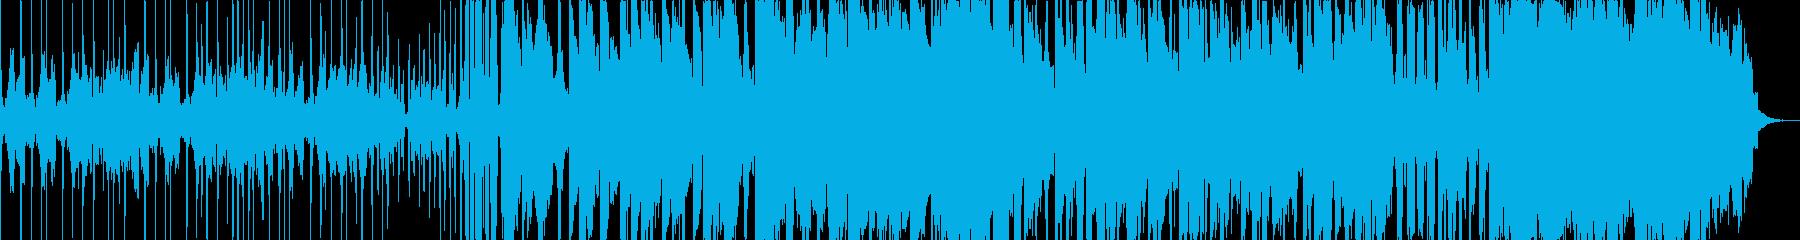 高級時計のようなストリングスメインの曲の再生済みの波形